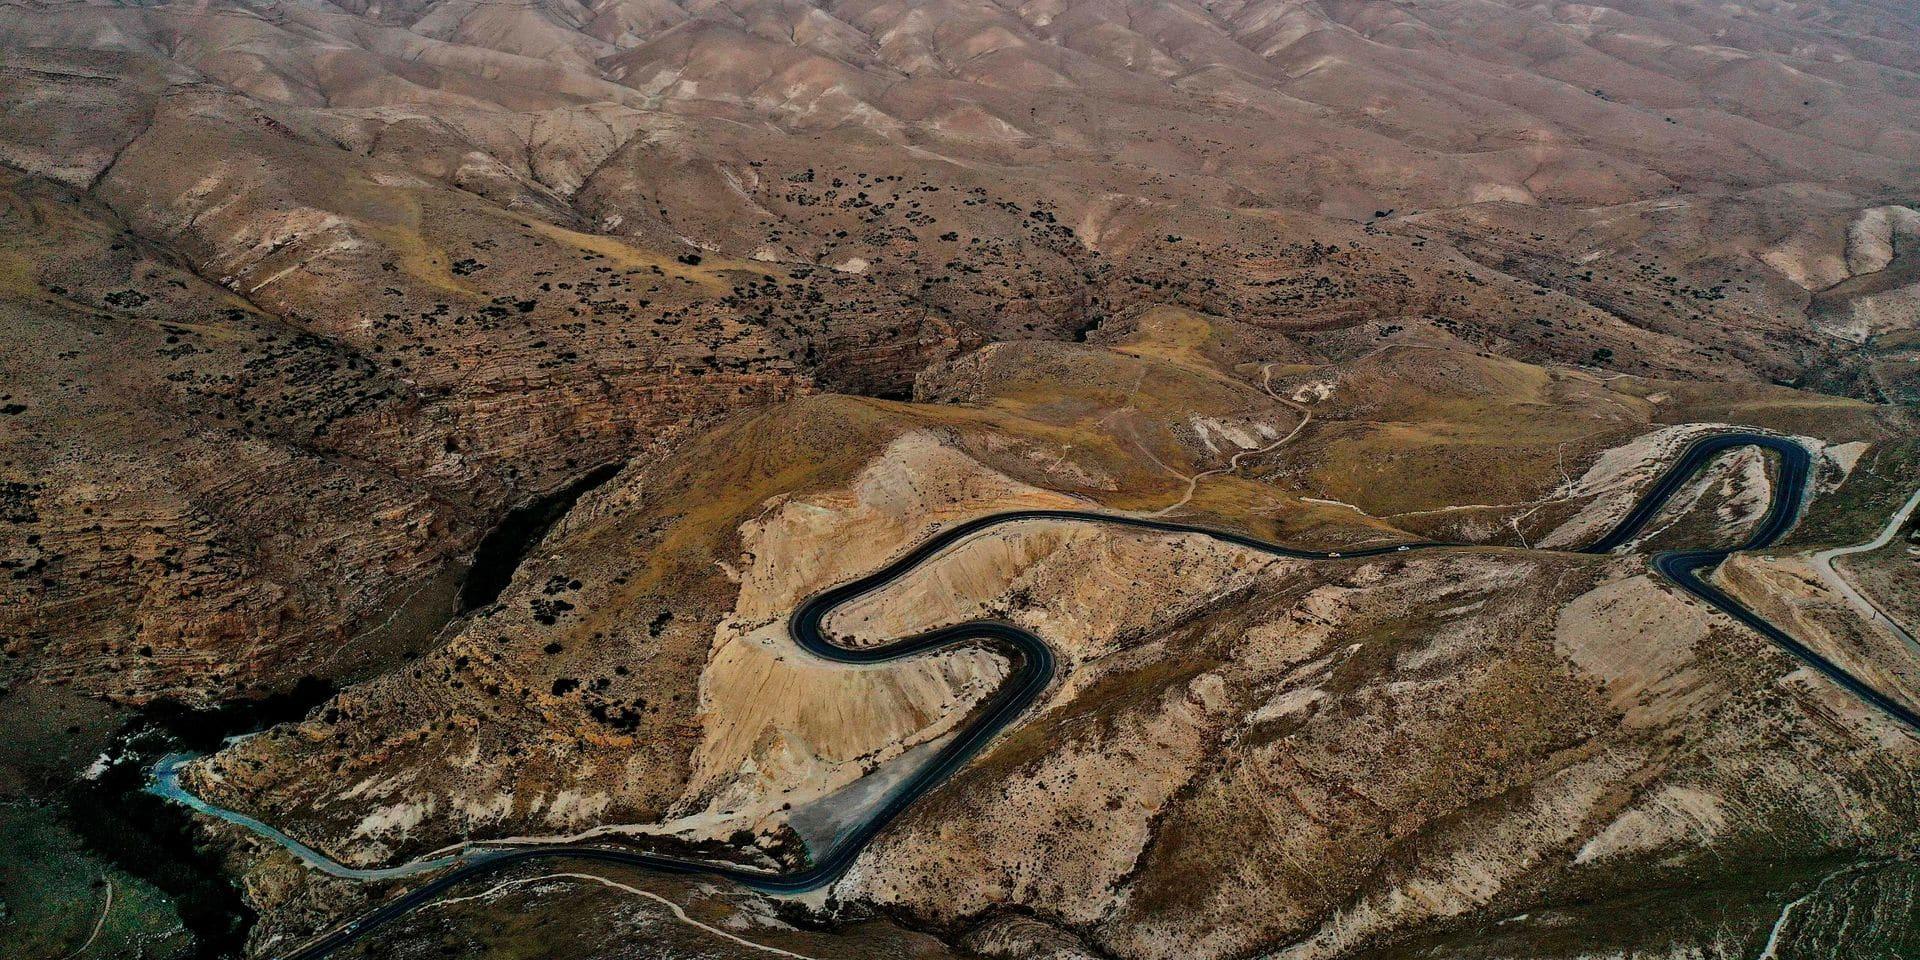 """En Cisjordanie, Israël multiplie les routes menant à une annexion de facto: """"L'objectif est d'avoir un million de colons israéliens d'ici dix à vingt ans"""""""